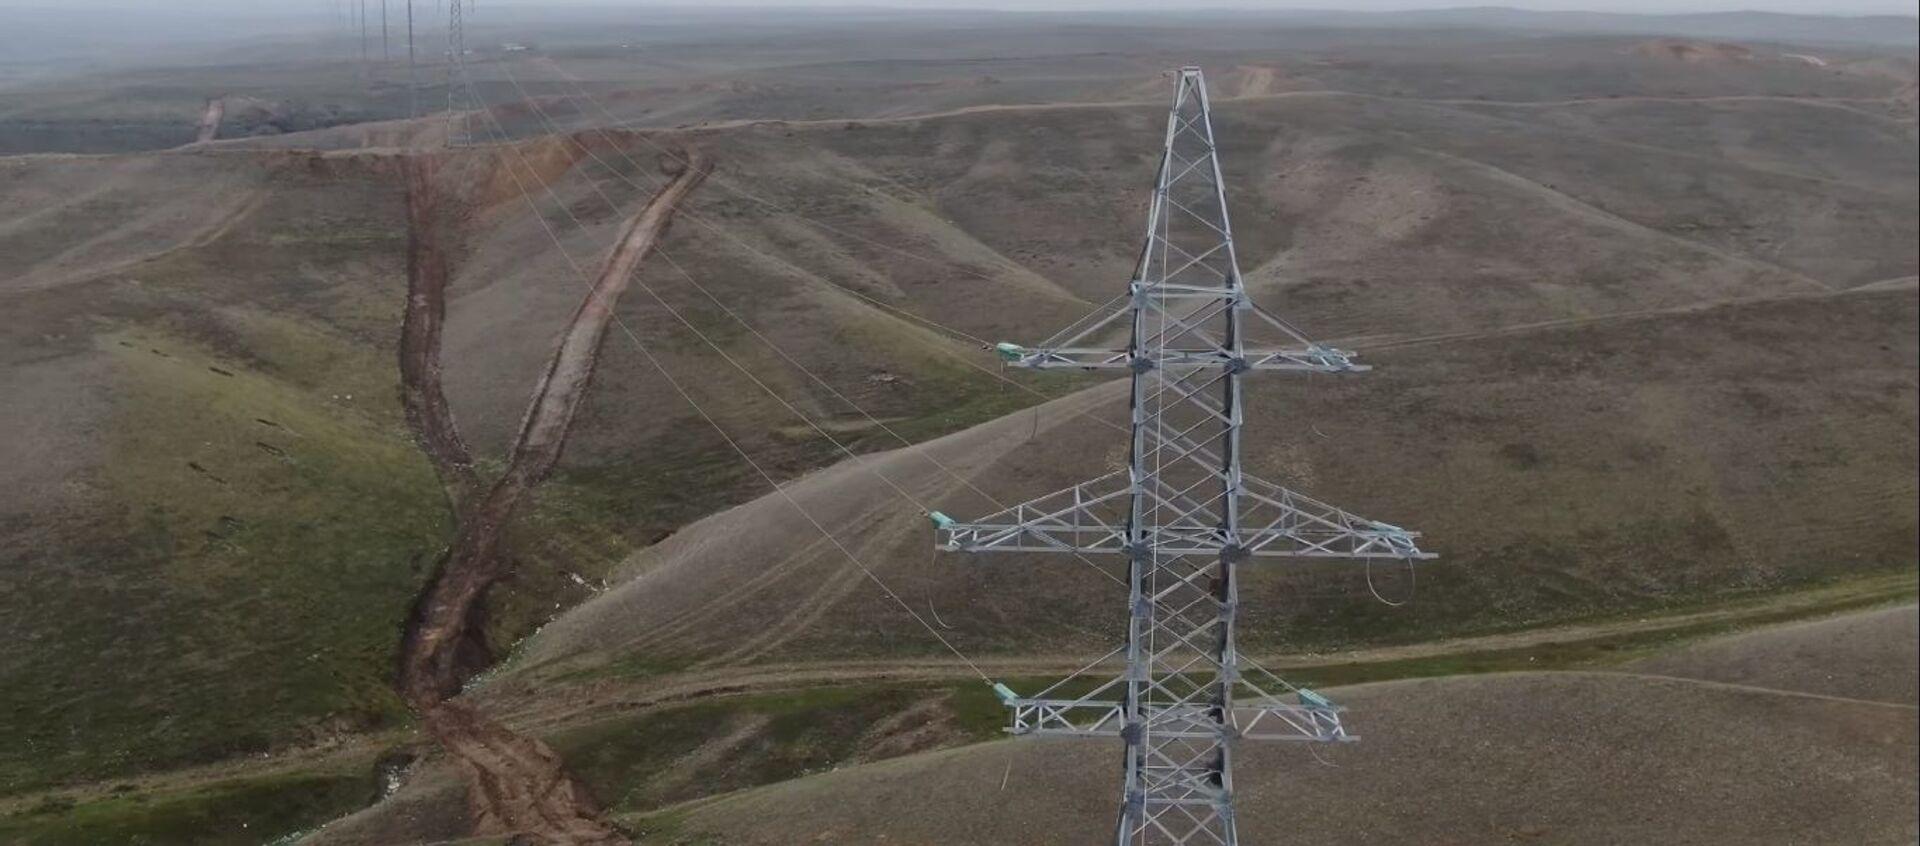 Прокладывание высоковольтной линии электропередачи напряжением 110 киловольт  - Sputnik Азербайджан, 1920, 06.03.2021